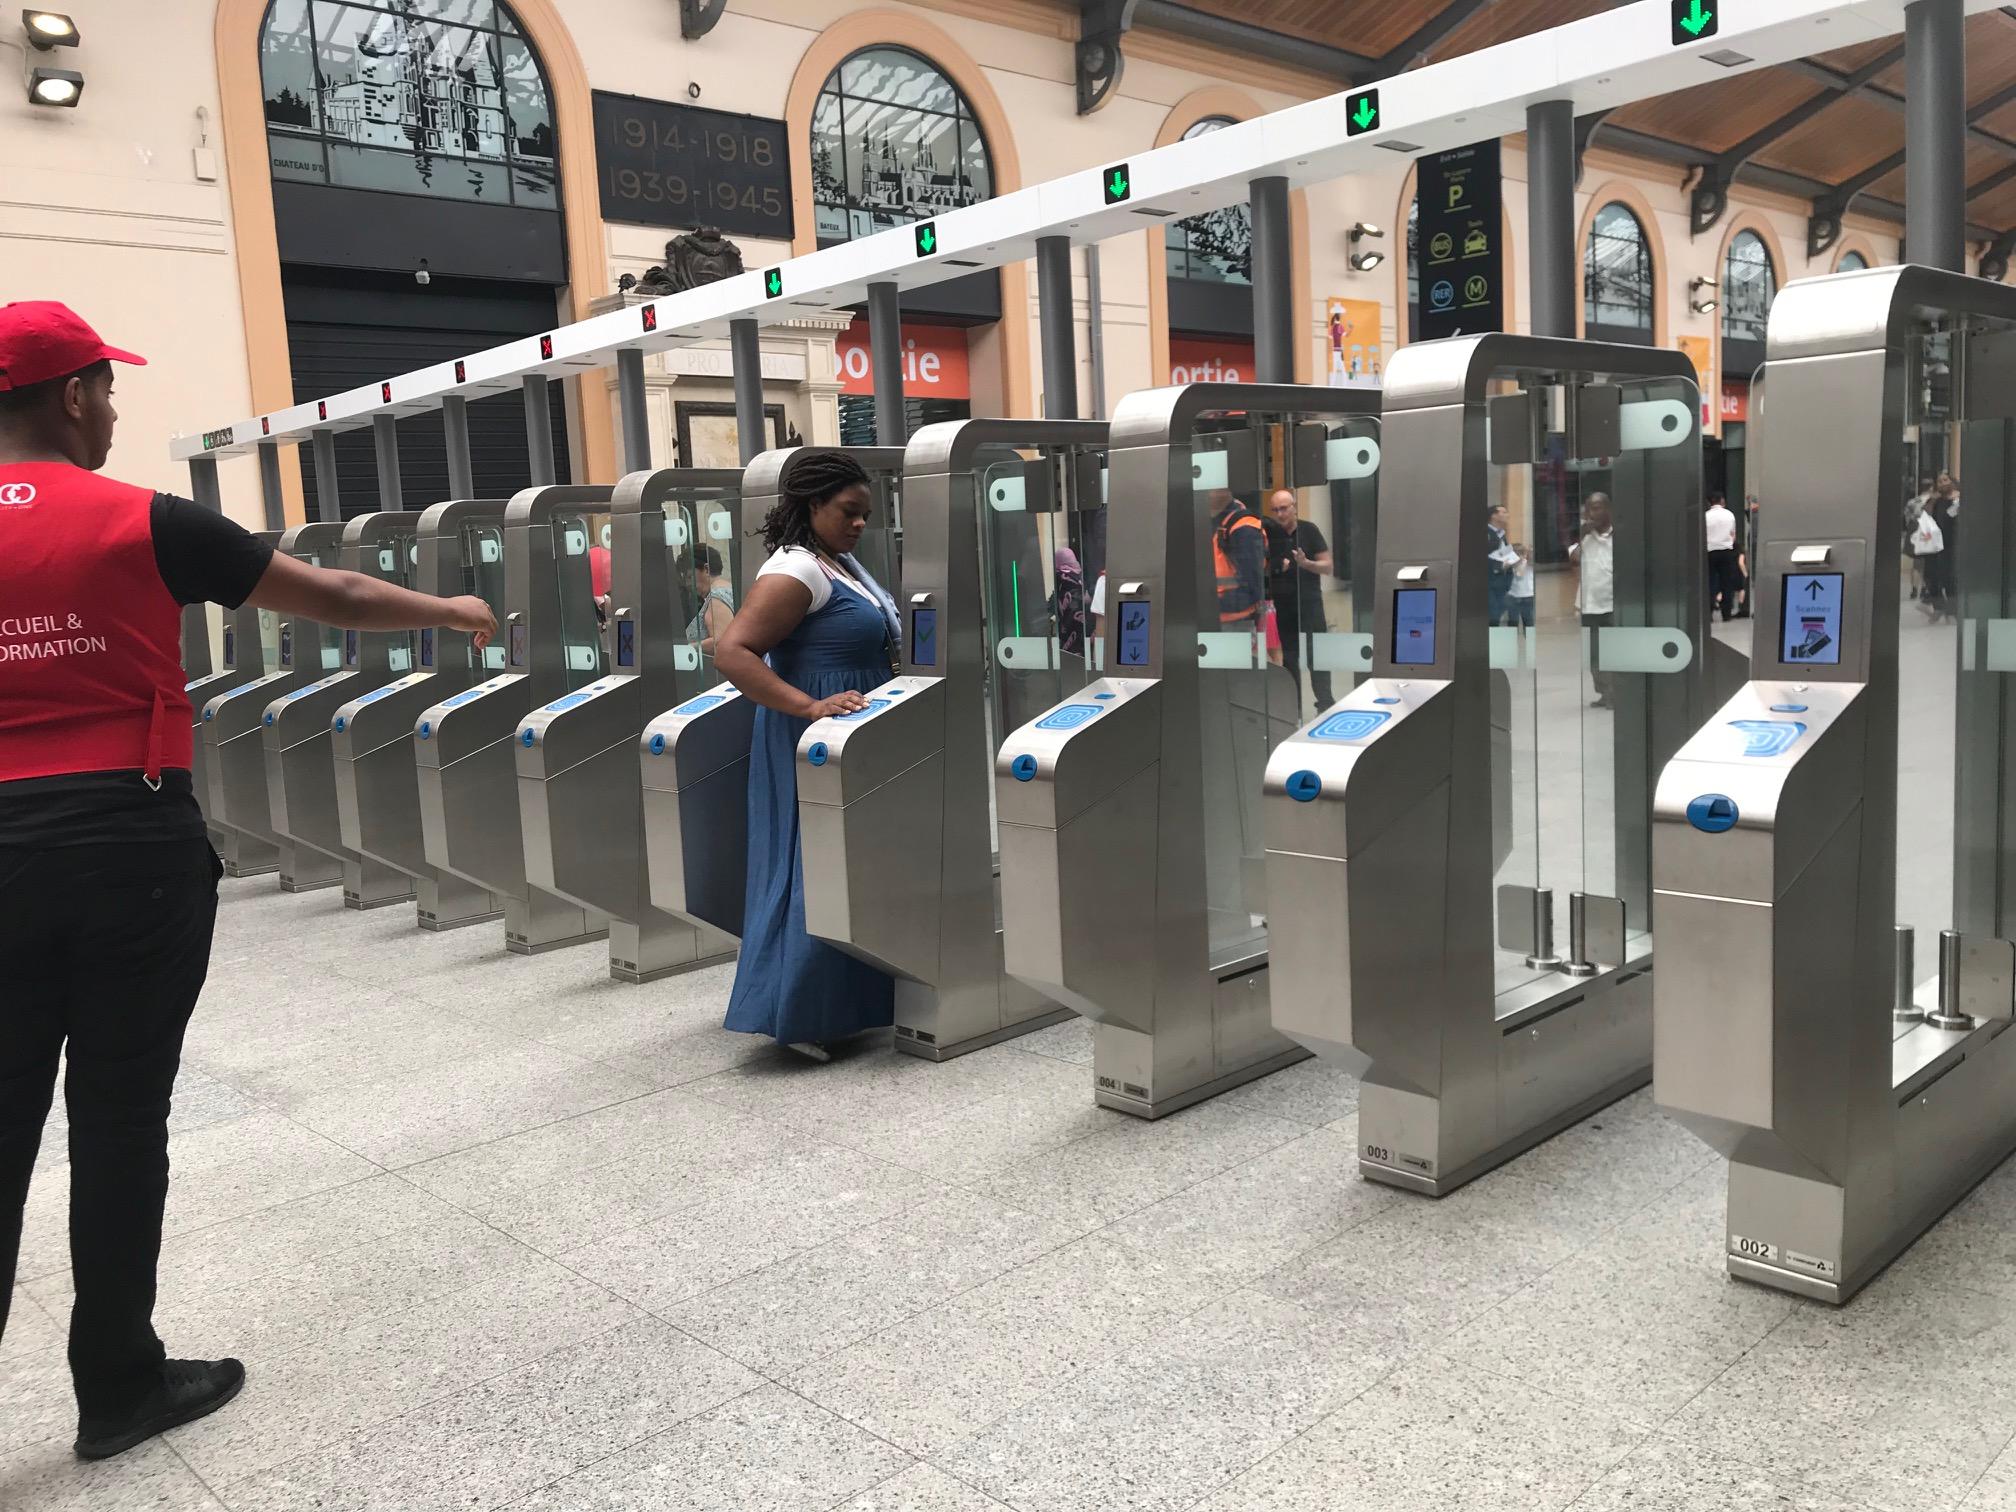 La Gare Saint Lazare Bouclee Par Des Portiques Antifraude Ville